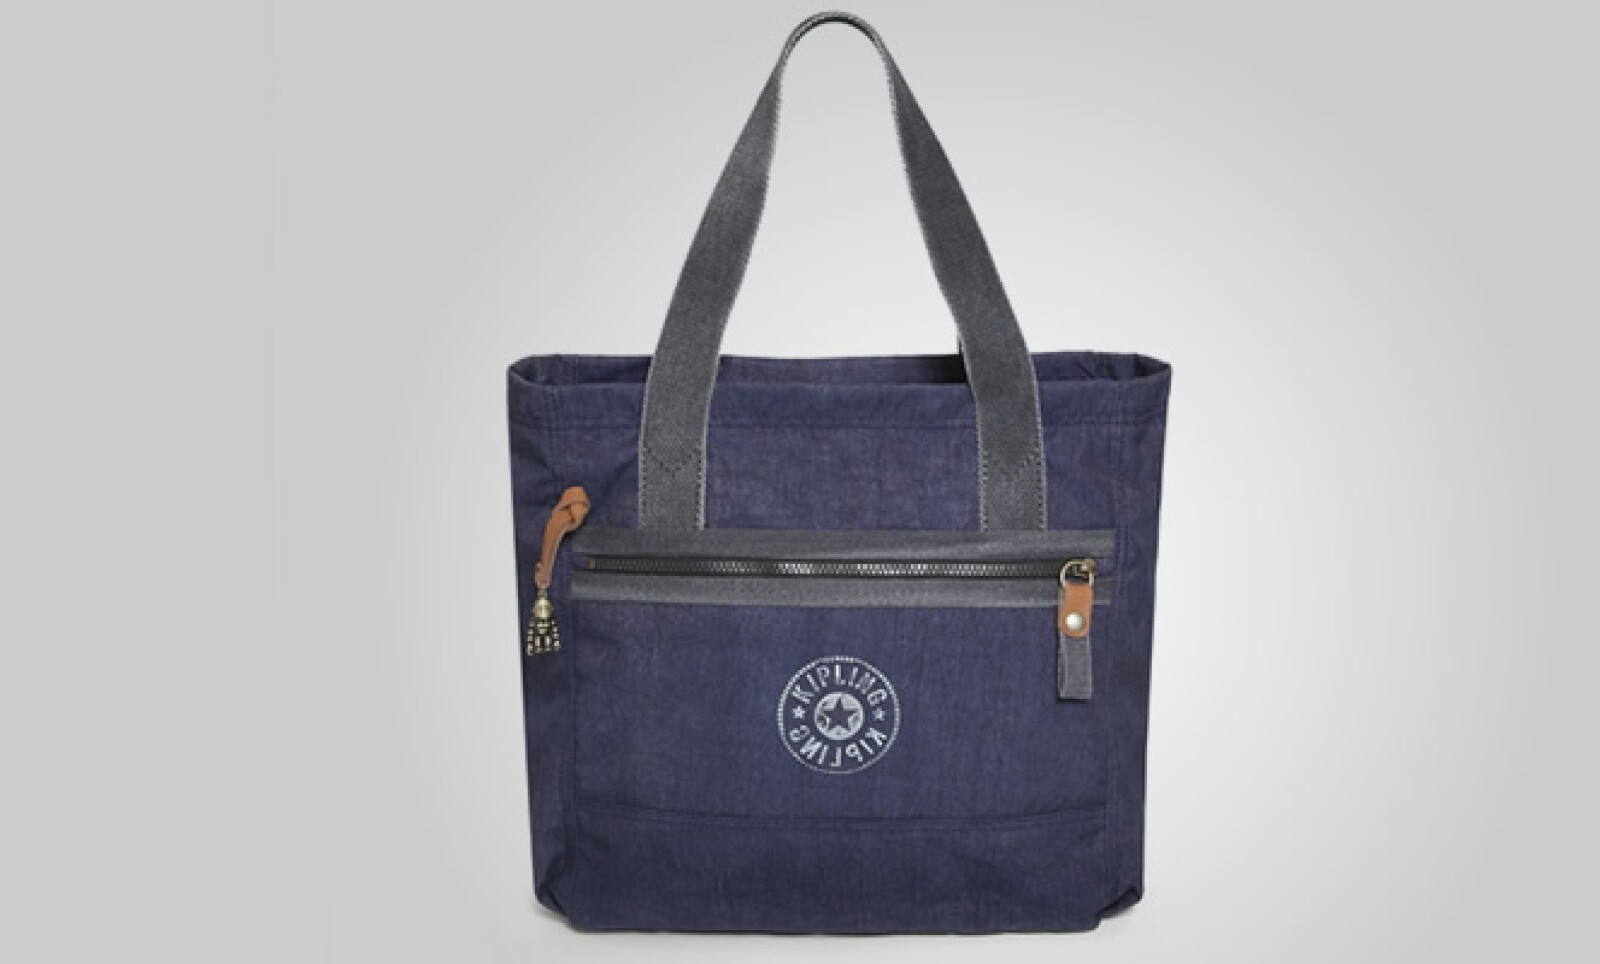 Esta colección estará disponible a partir de marzo en las boutiques de la firma en territorio nacional.